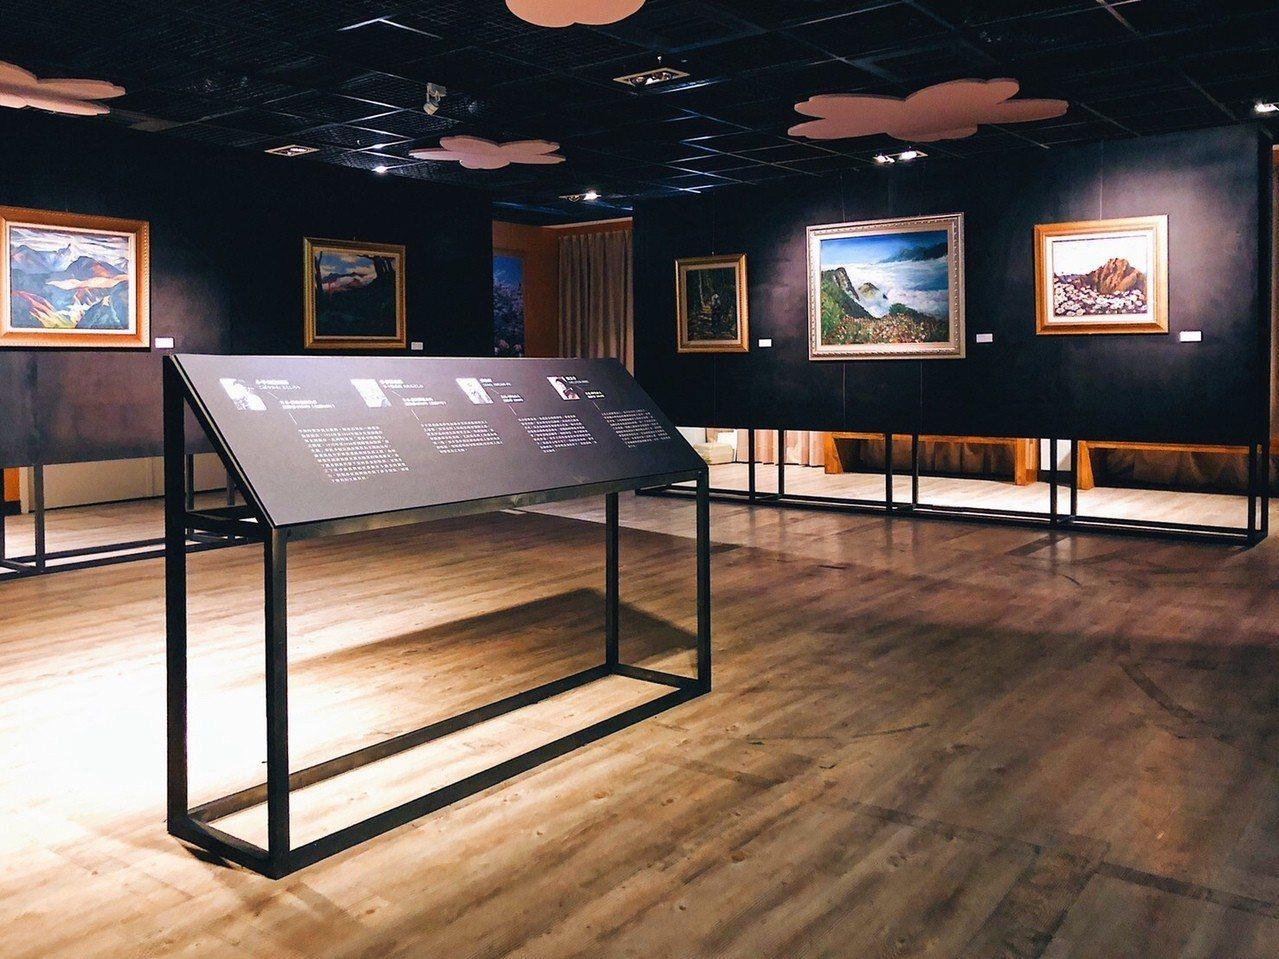 嘉義林管處10日起將在阿里山旅客服務中心2樓,舉辦「山形,繪」跨時空聯合畫展。圖...